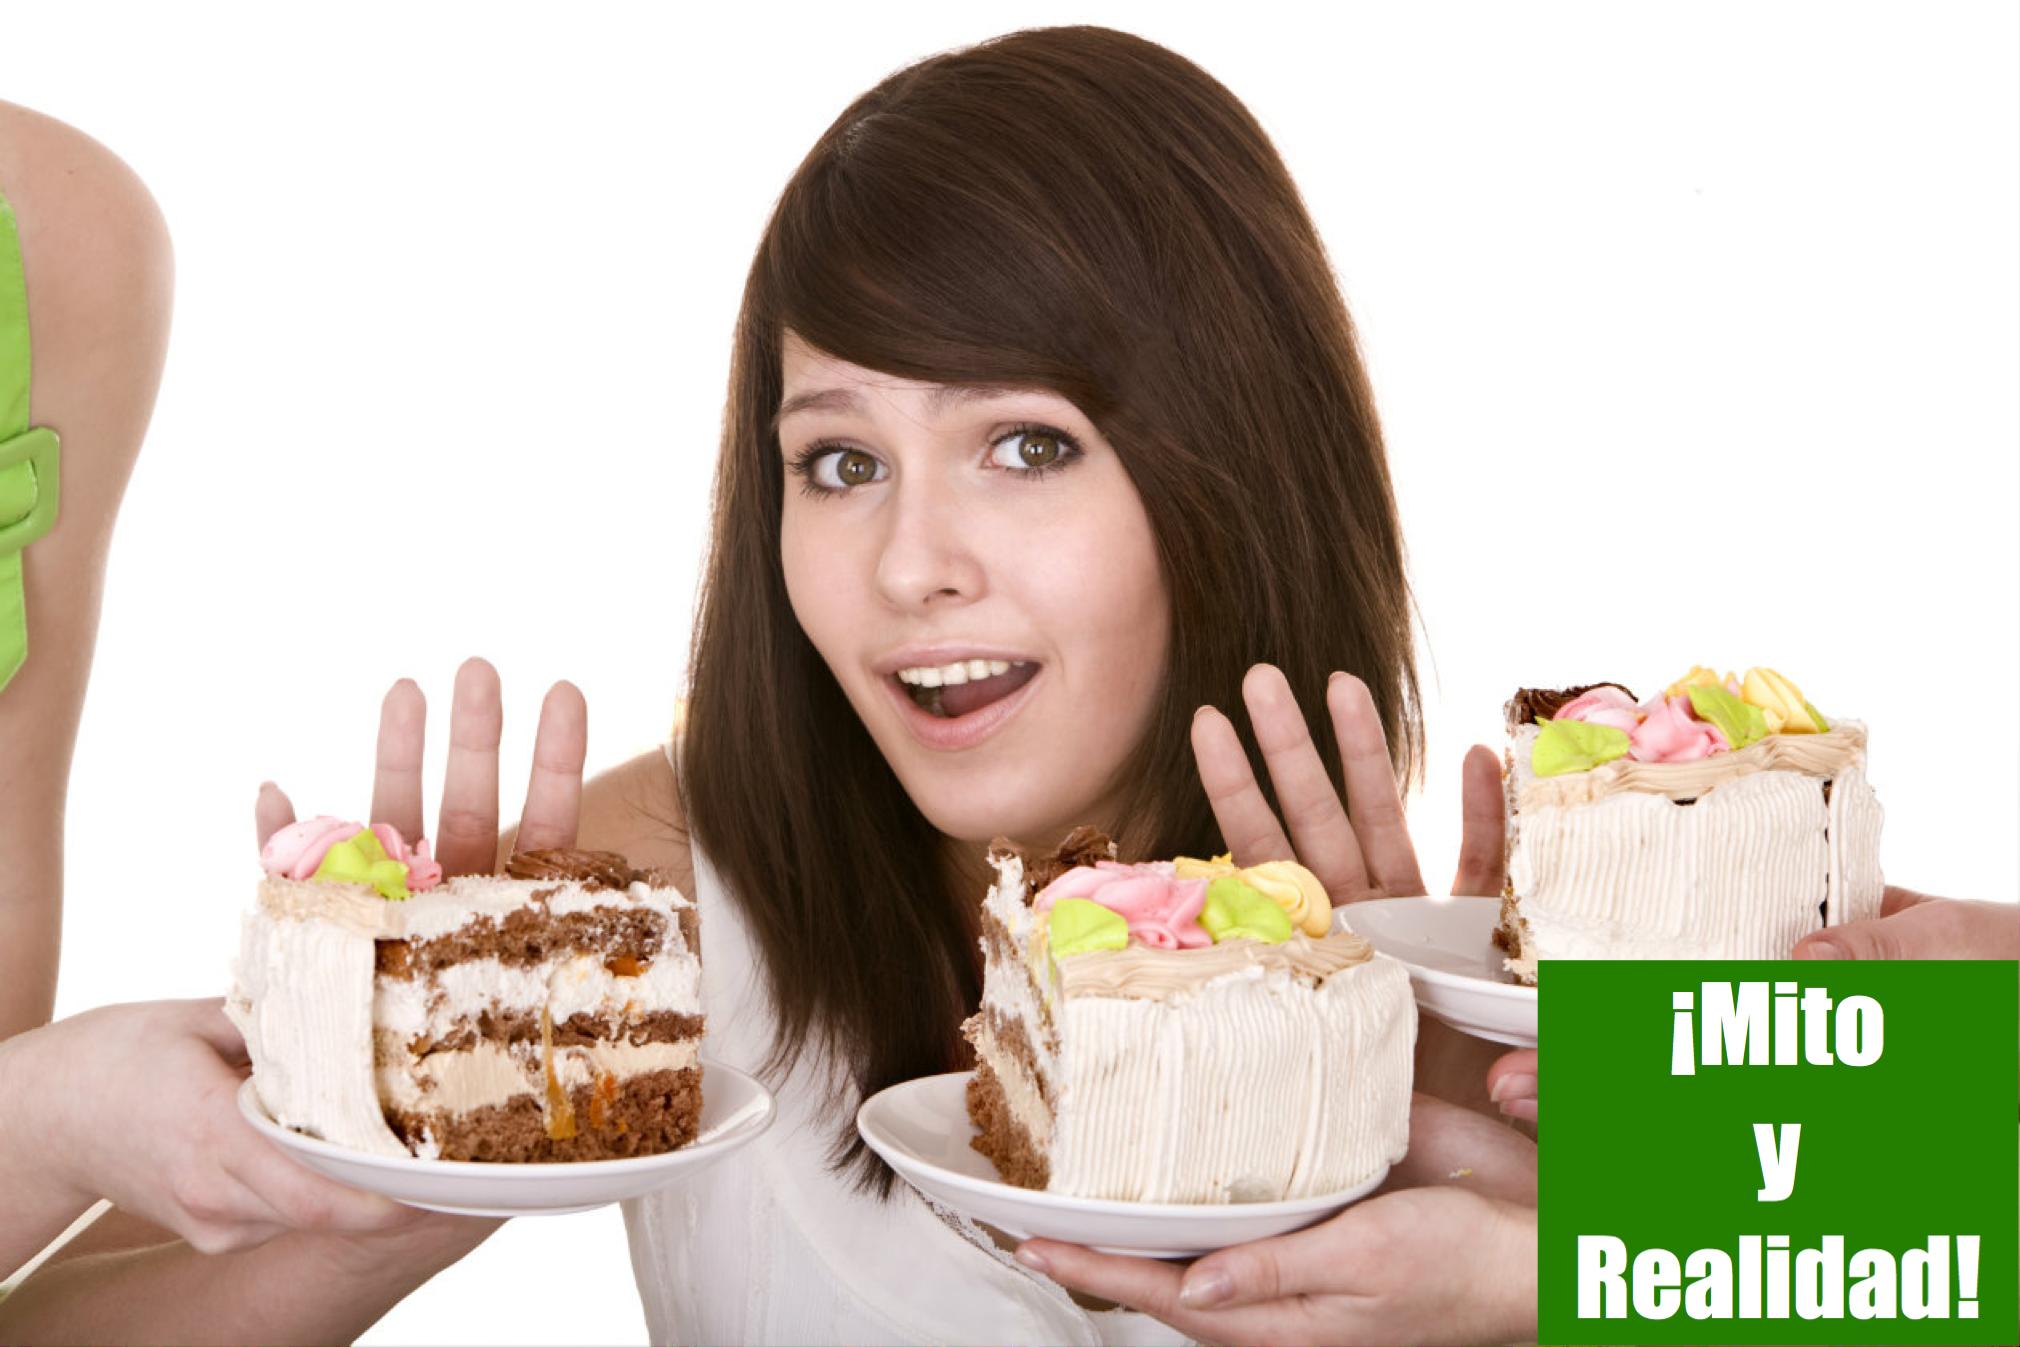 ¡Mito y realidad! #30 (La diabetes)